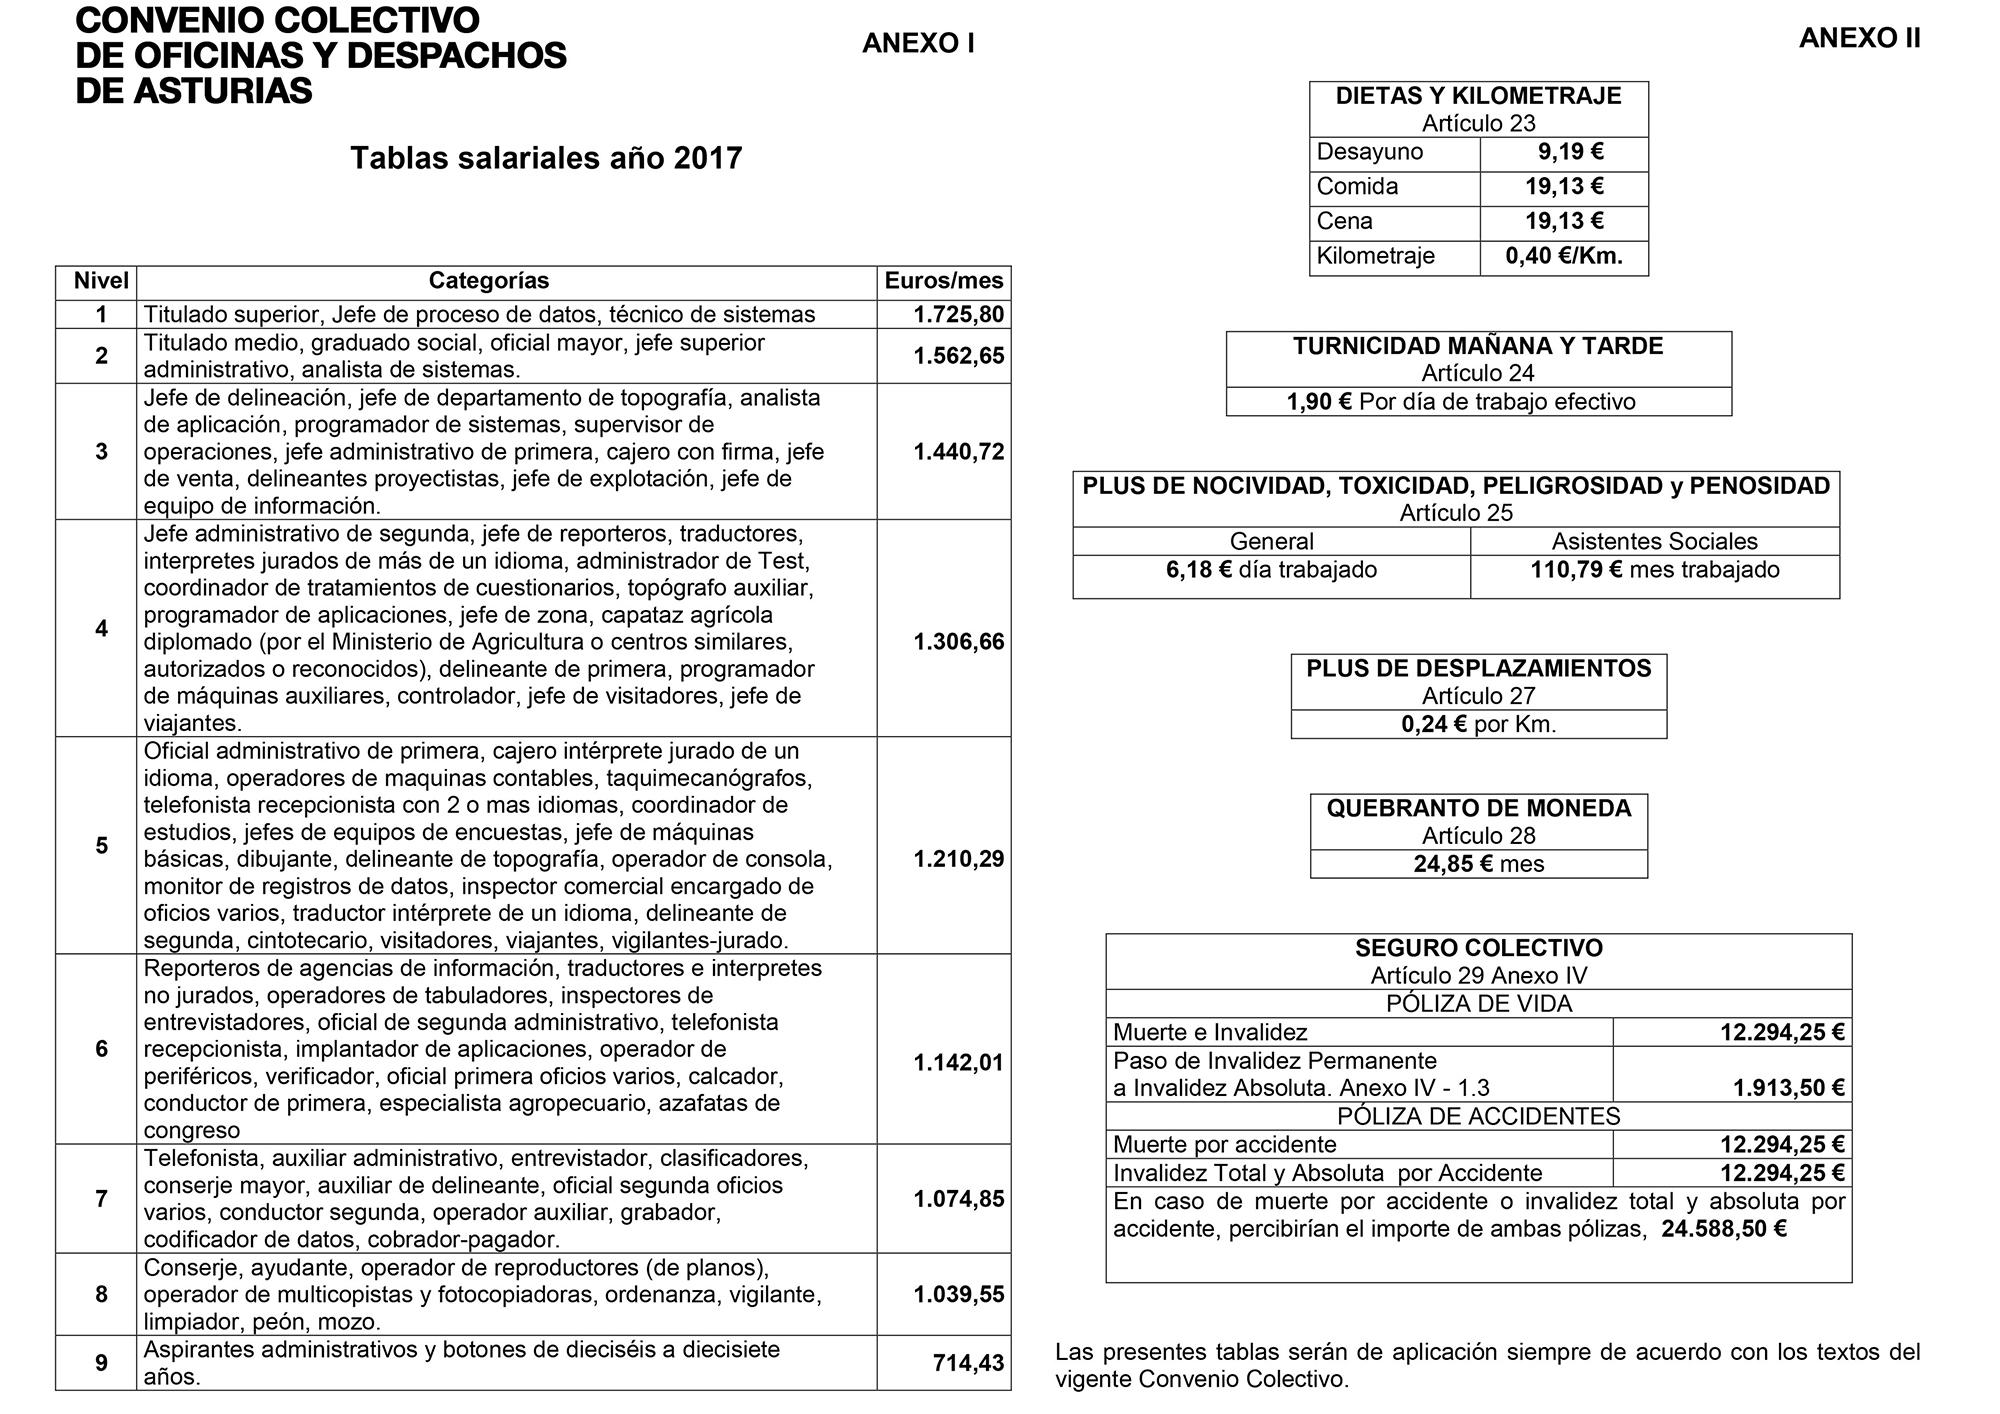 Convenio de oficinas y despachos de asturias registro for Convenio colectivo oficinas y despachos valencia 2017